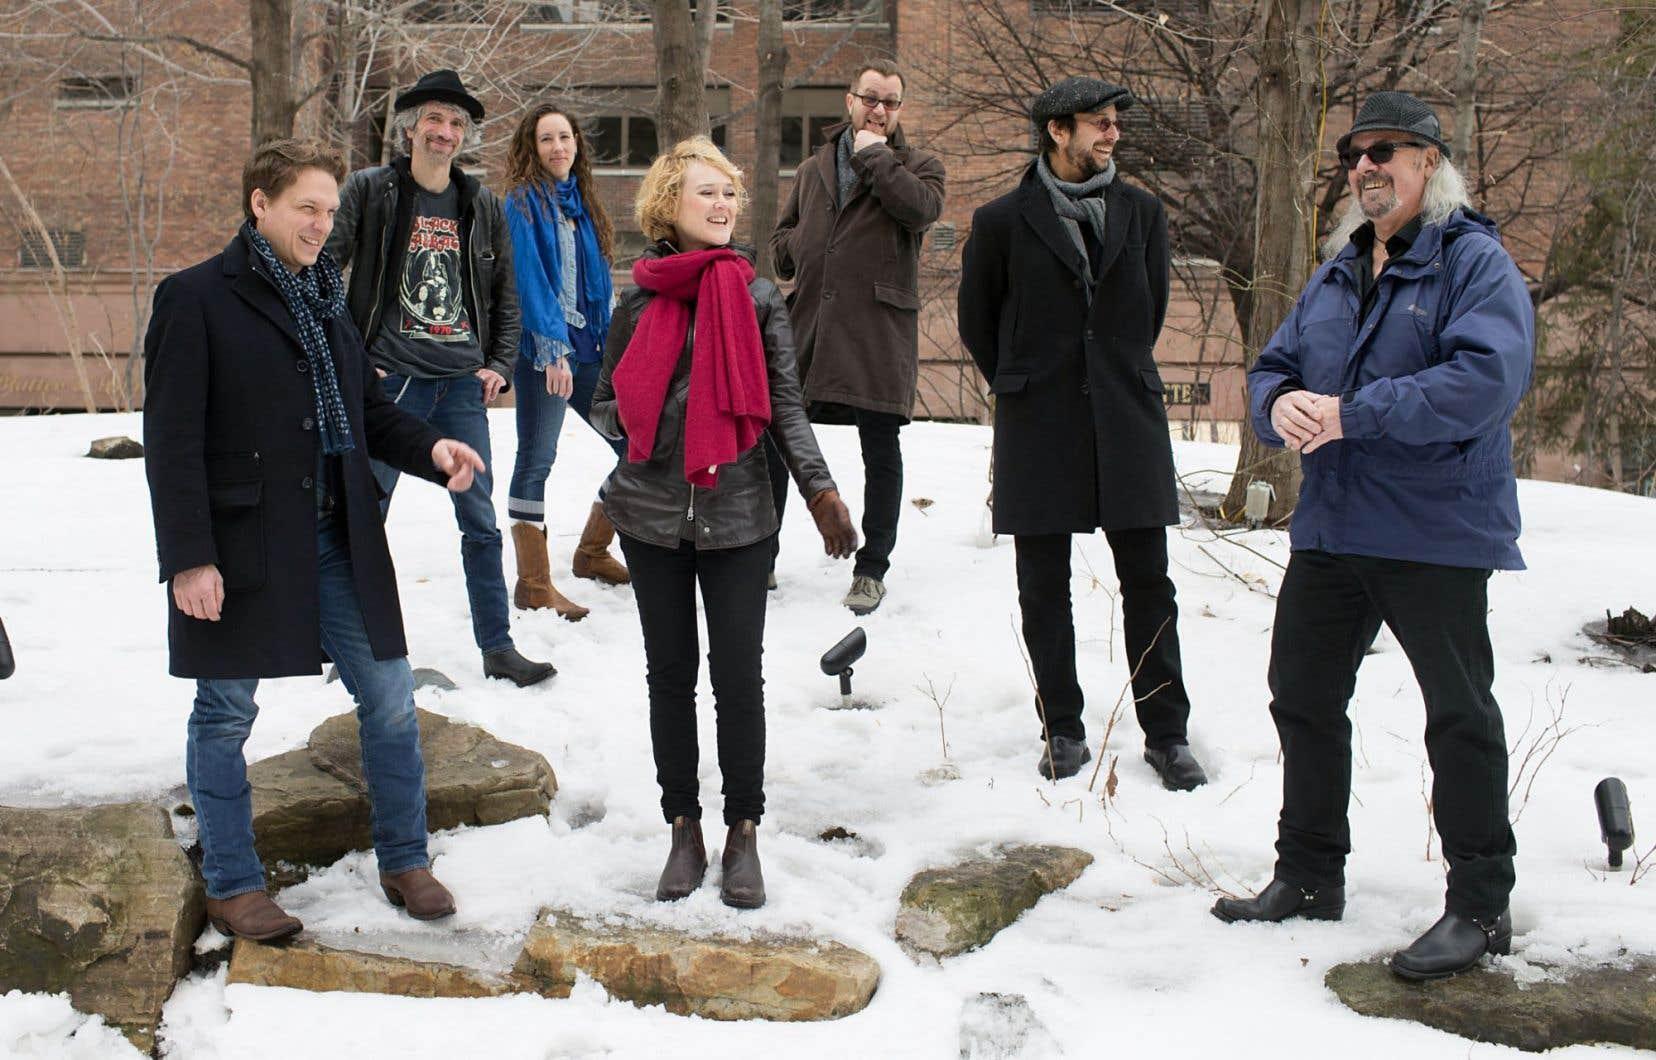 Carl Prévost, Éric Goulet, Ariane Ouellet, Mara Tremblay, Luc De Larochellière, Michel Rivard et Gilles Bélanger